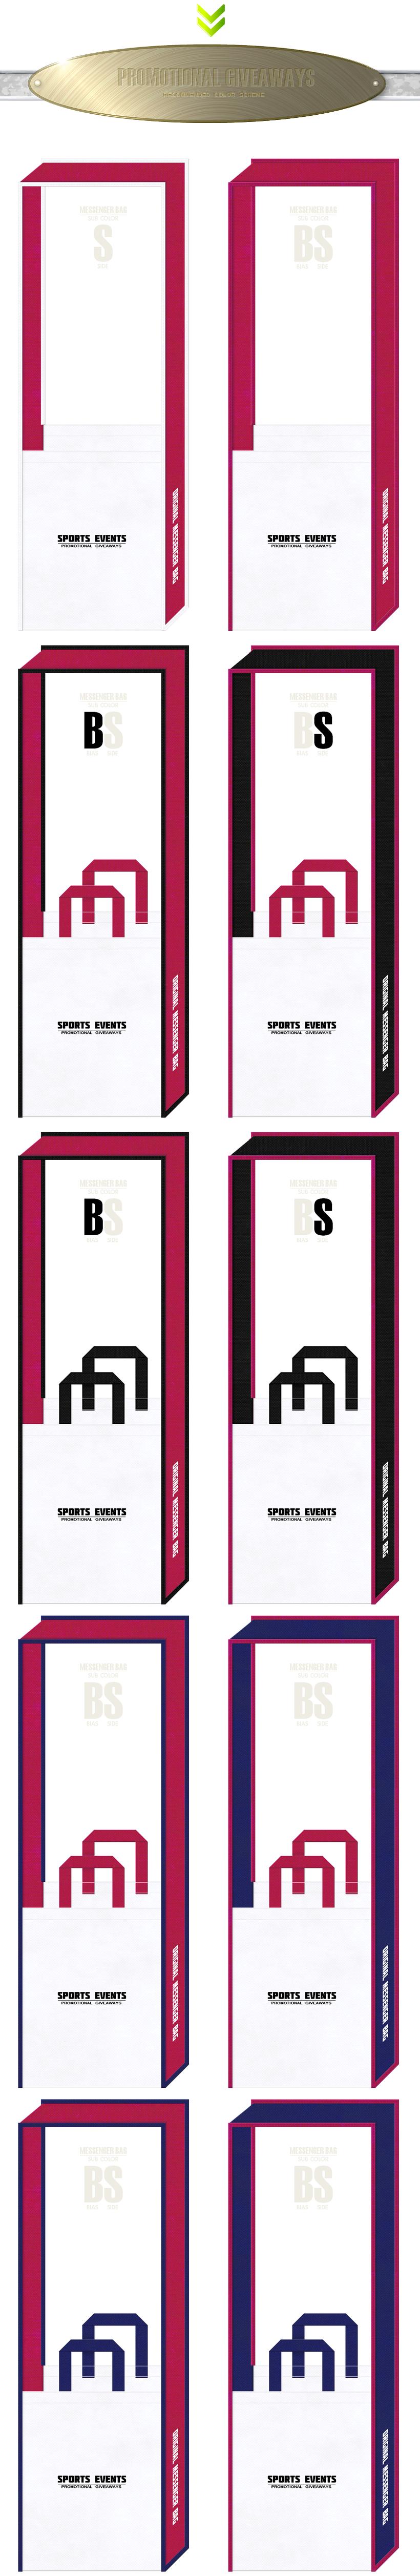 白色と濃いピンク色をメインに使用した、不織布メッセンジャーバッグのカラーシミュレーション:スポーツイベントのノベルティ